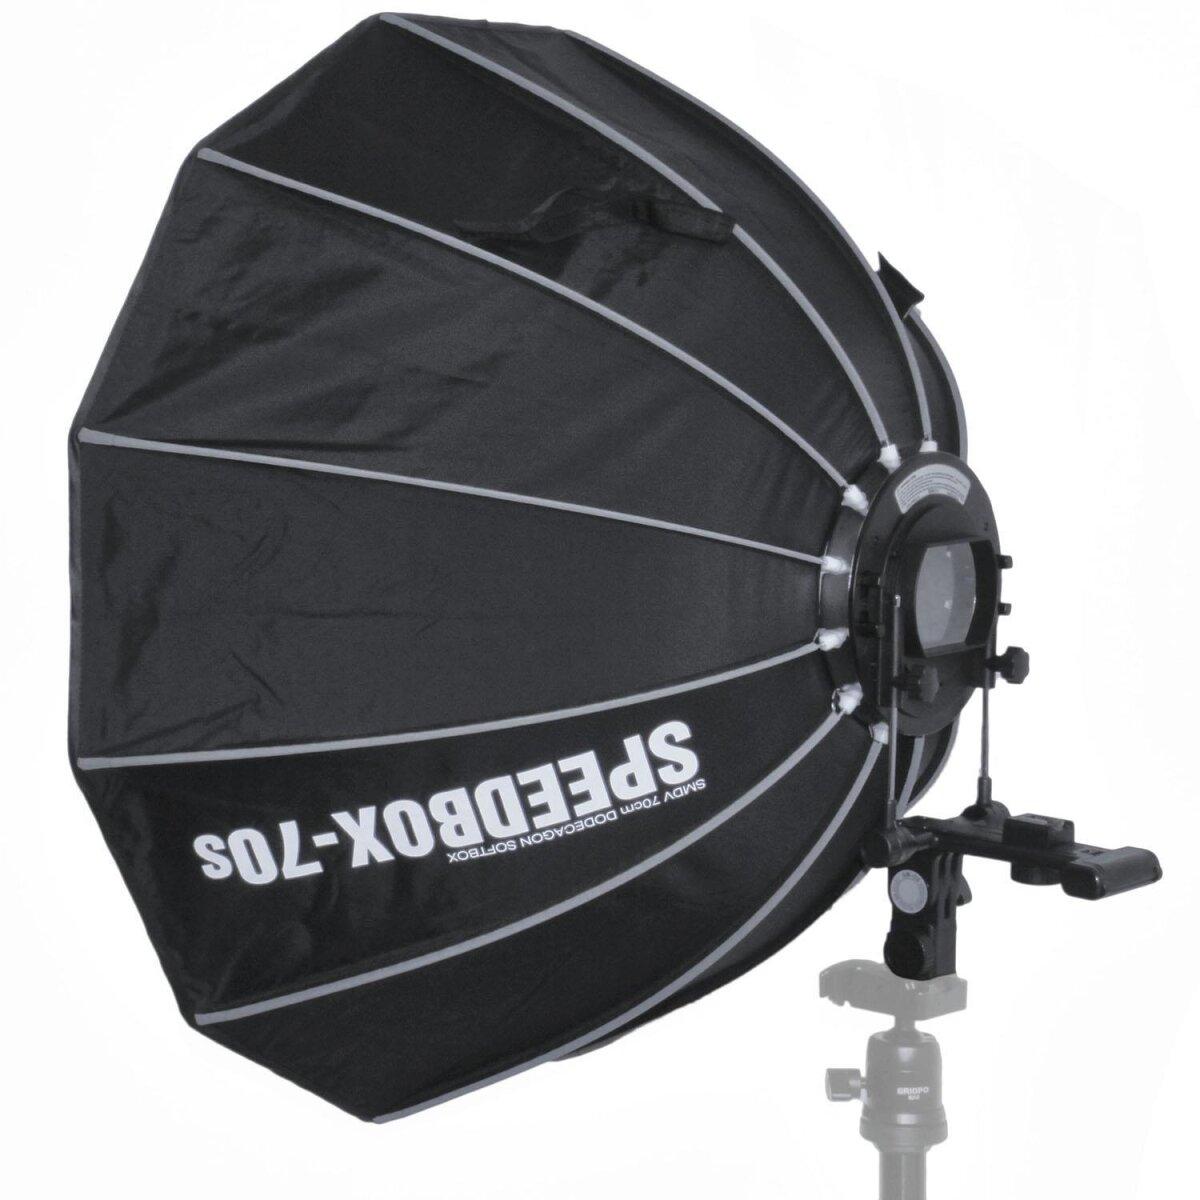 Impulsfoto SMDV Speedbox-70s, Mobile Zwölfeckige-Softbox 70cm, Weiche Ausleuchtung, Für entfesselte Aufsteckblitze mit Standard ISO / Sony Multi Interface Blitzschuh